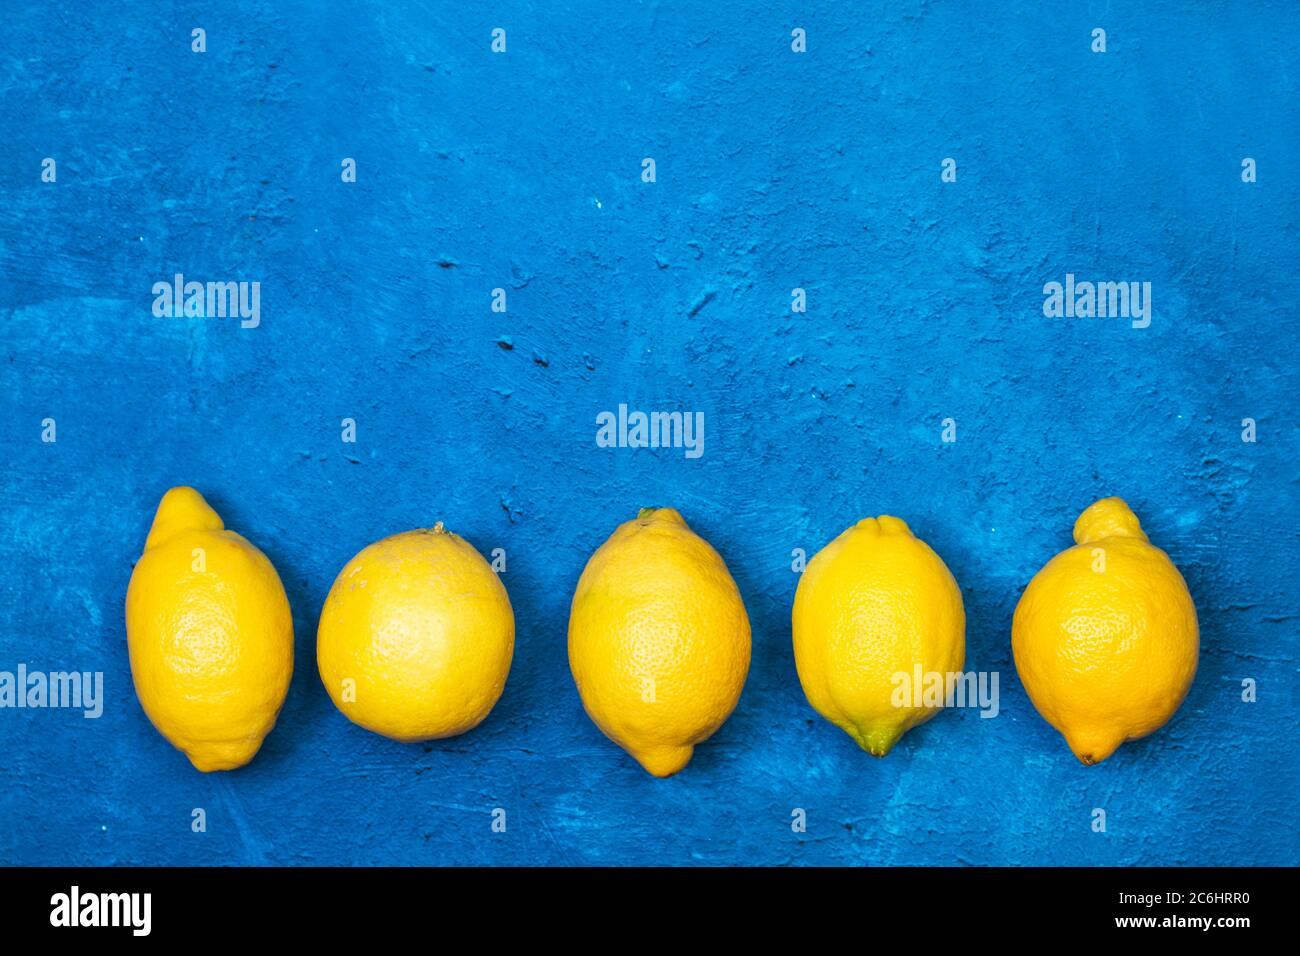 Cinco limones sobre un fondo azul clásico con textura en una vista superior Foto de stock